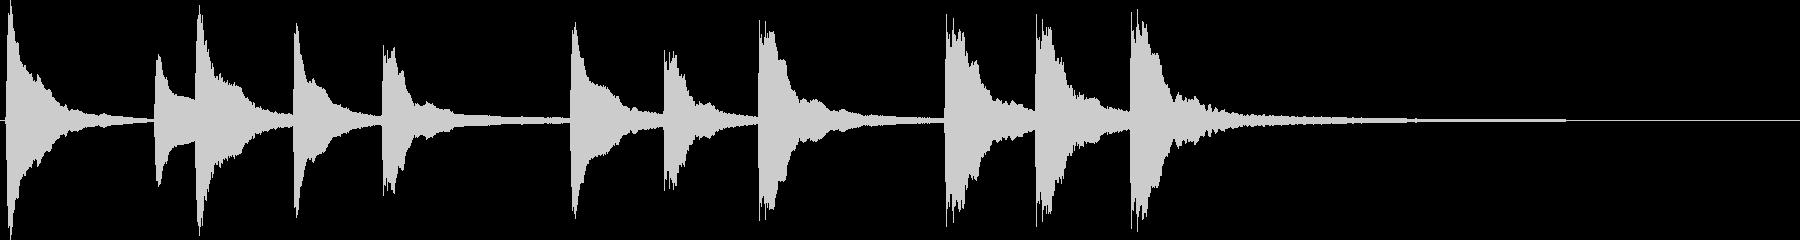 和風の単体素材です。の未再生の波形